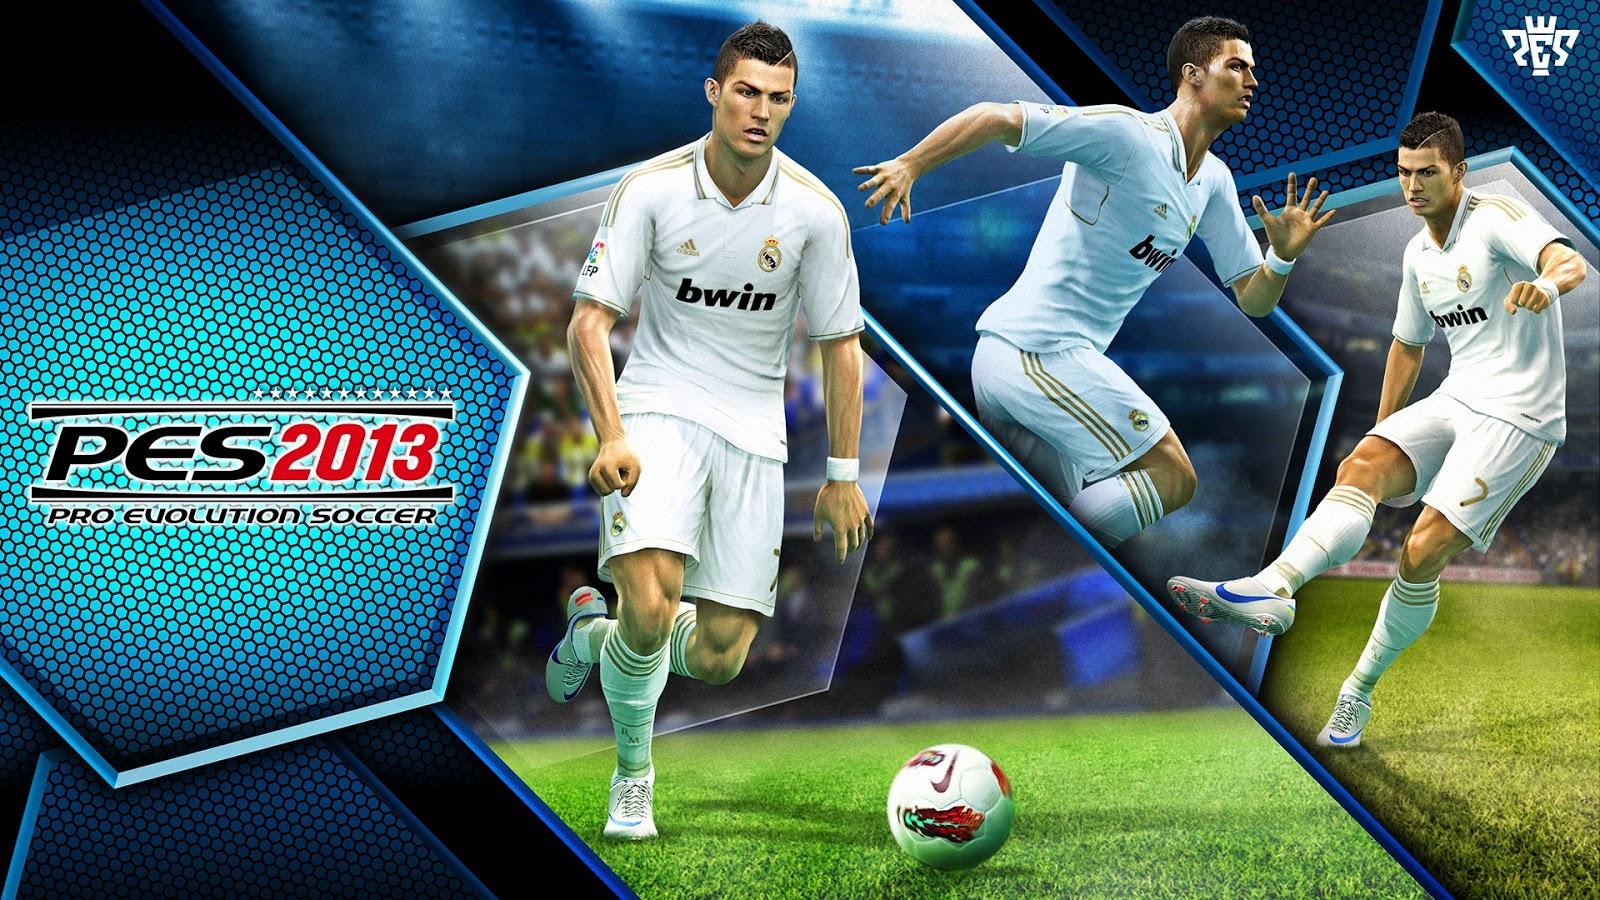 http://4.bp.blogspot.com/-XaL_gl1JXzo/UQEAdj7VB6I/AAAAAAAAGzU/vFVFo5DaXII/s1600/Cristiano+Ronaldo+hd+wallpapers+2013+06.jpg